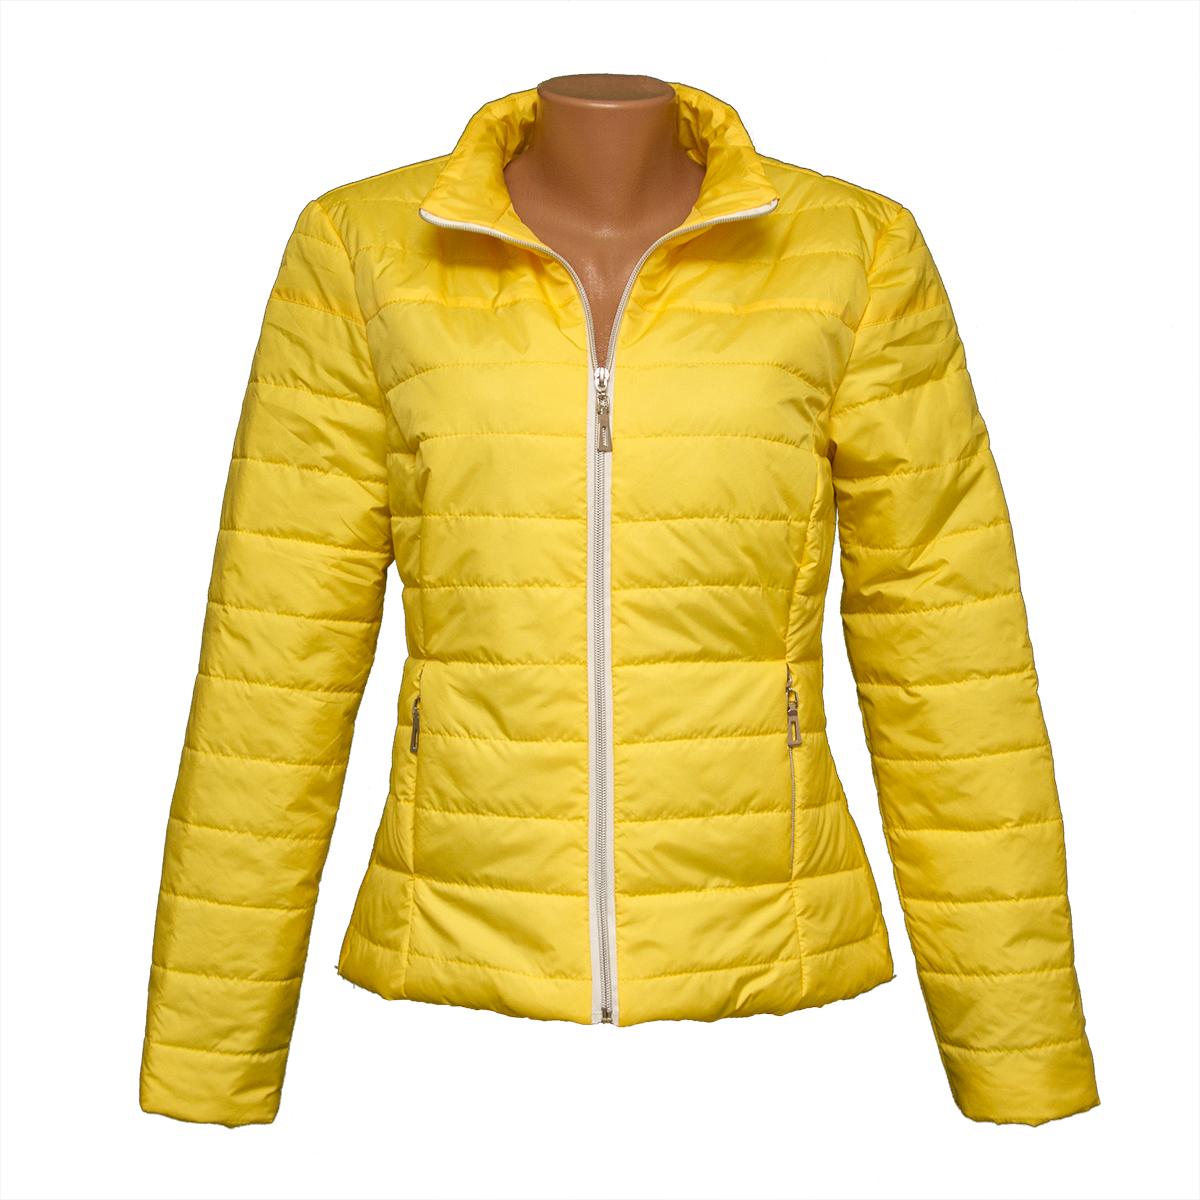 f5fe542d3ec Женская демисезонная куртка от производителя в ассортименте KD1377-5 ...